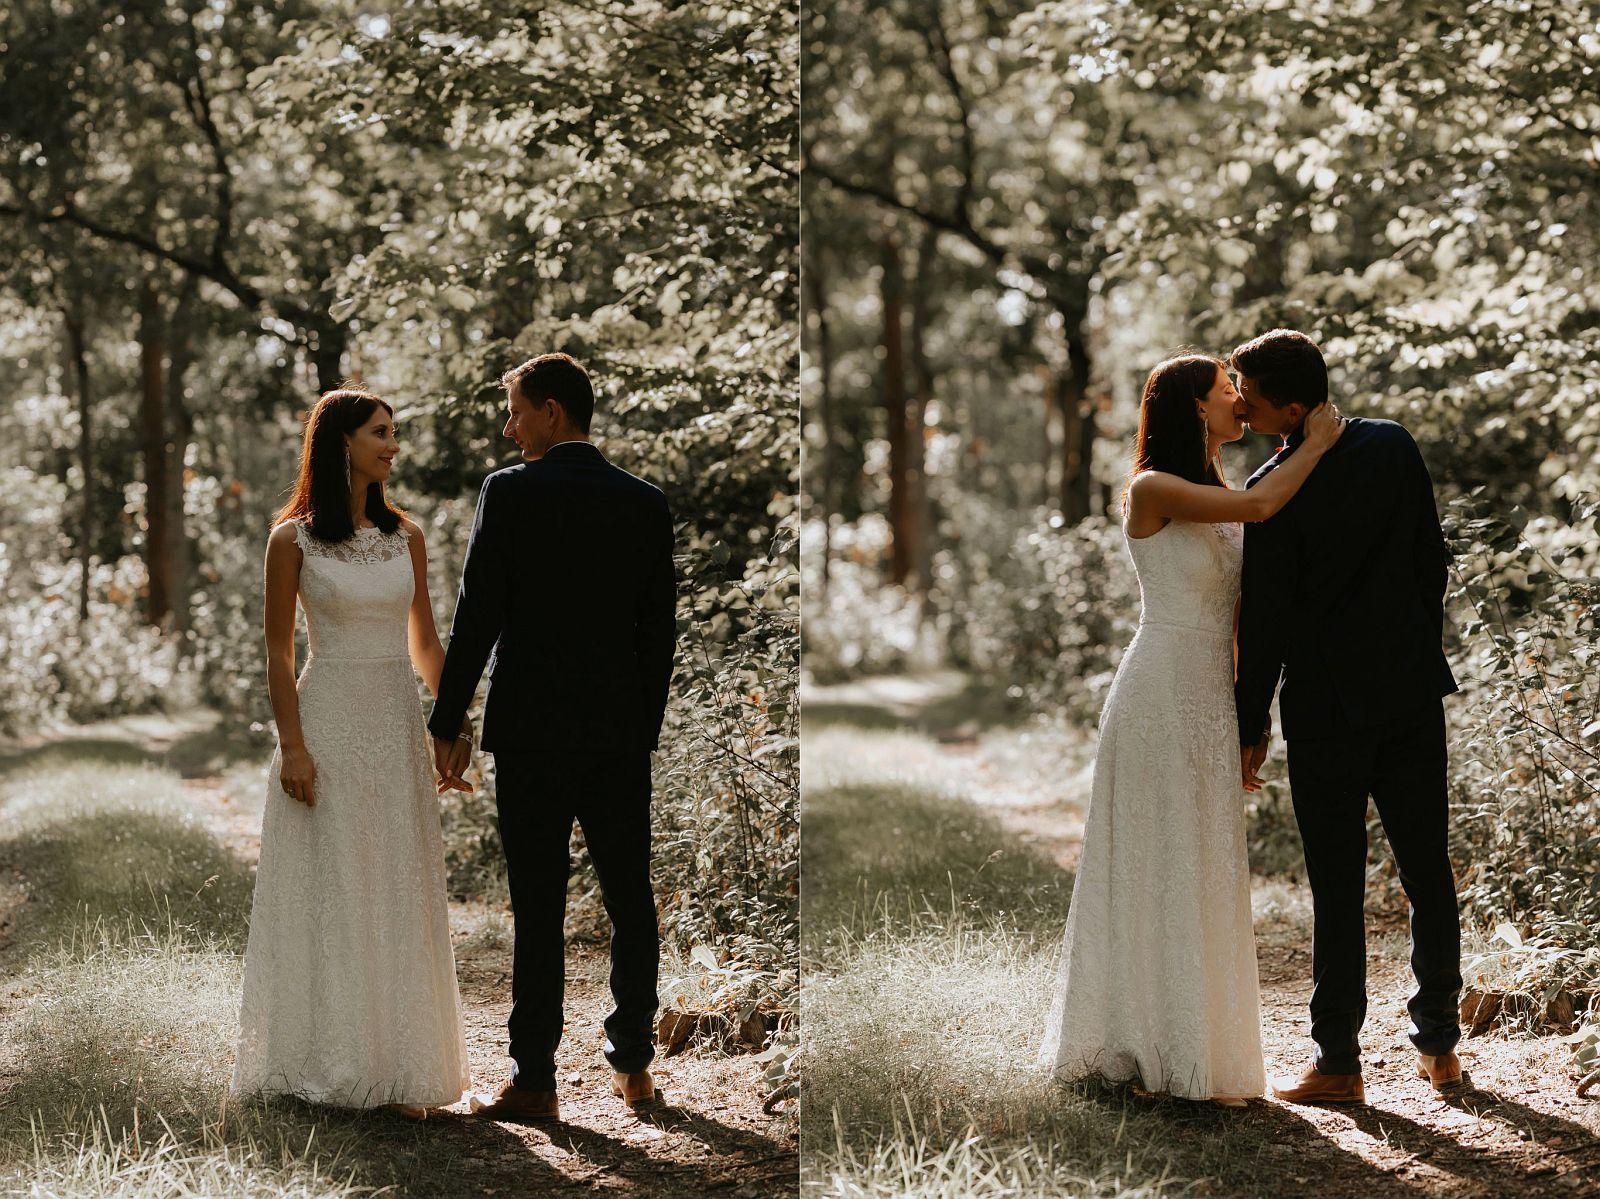 sesja ślubna w lesie w promieniach słońca